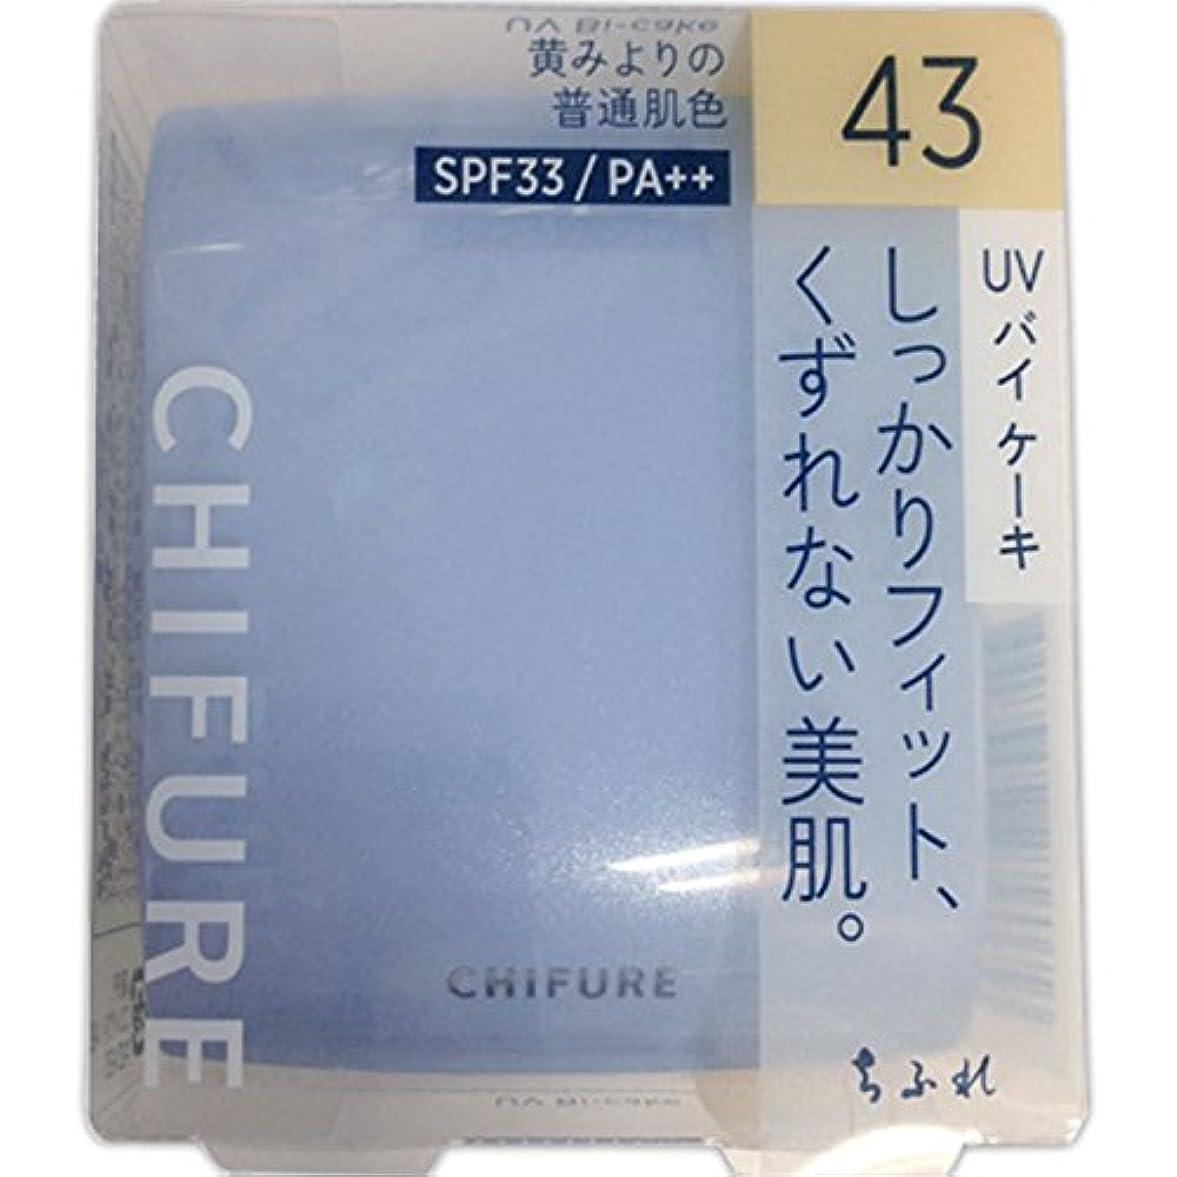 差名詞デジタルちふれ化粧品 UV バイ ケーキ(スポンジ入り) 43 黄みよりの普通肌色 43